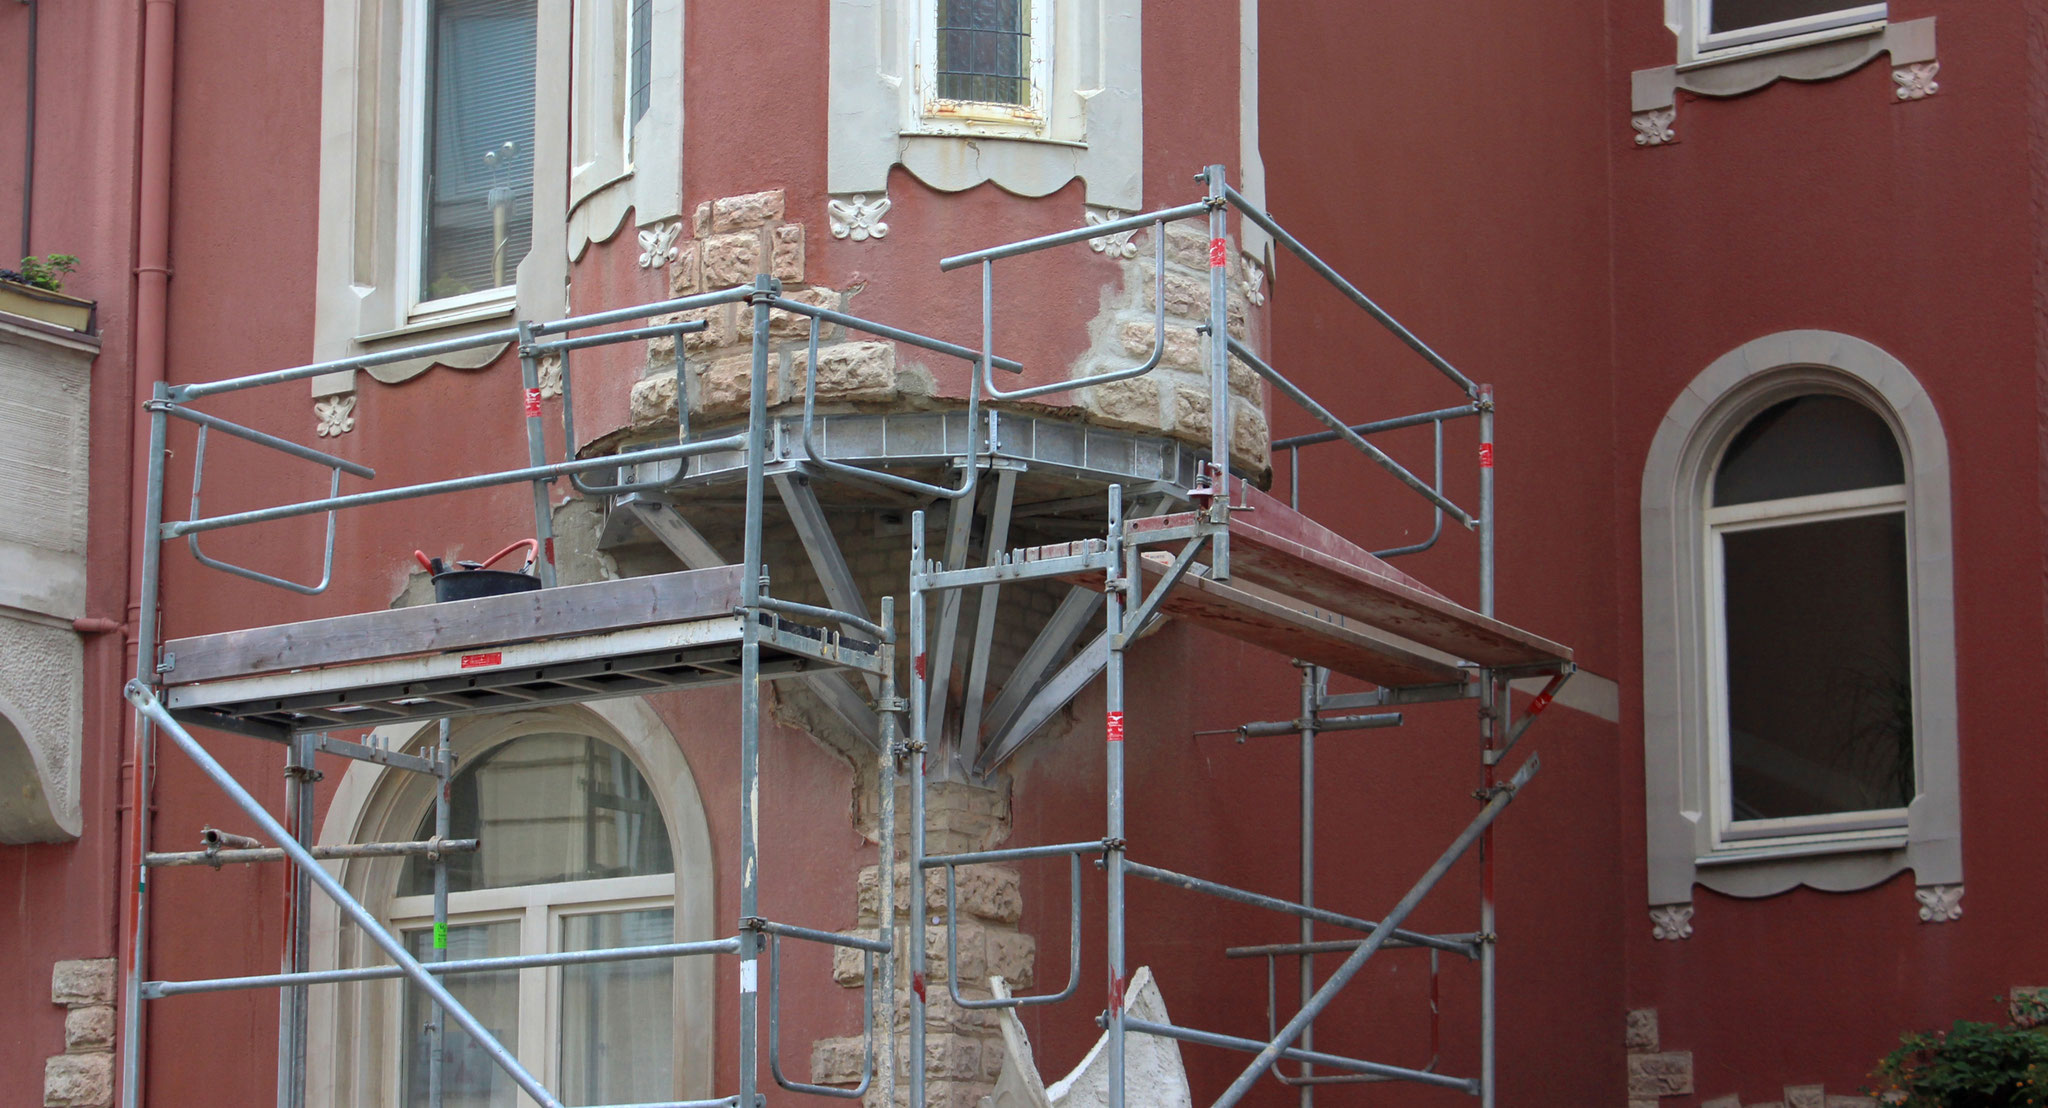 Erkerunterseite vor der Rekonstruktion